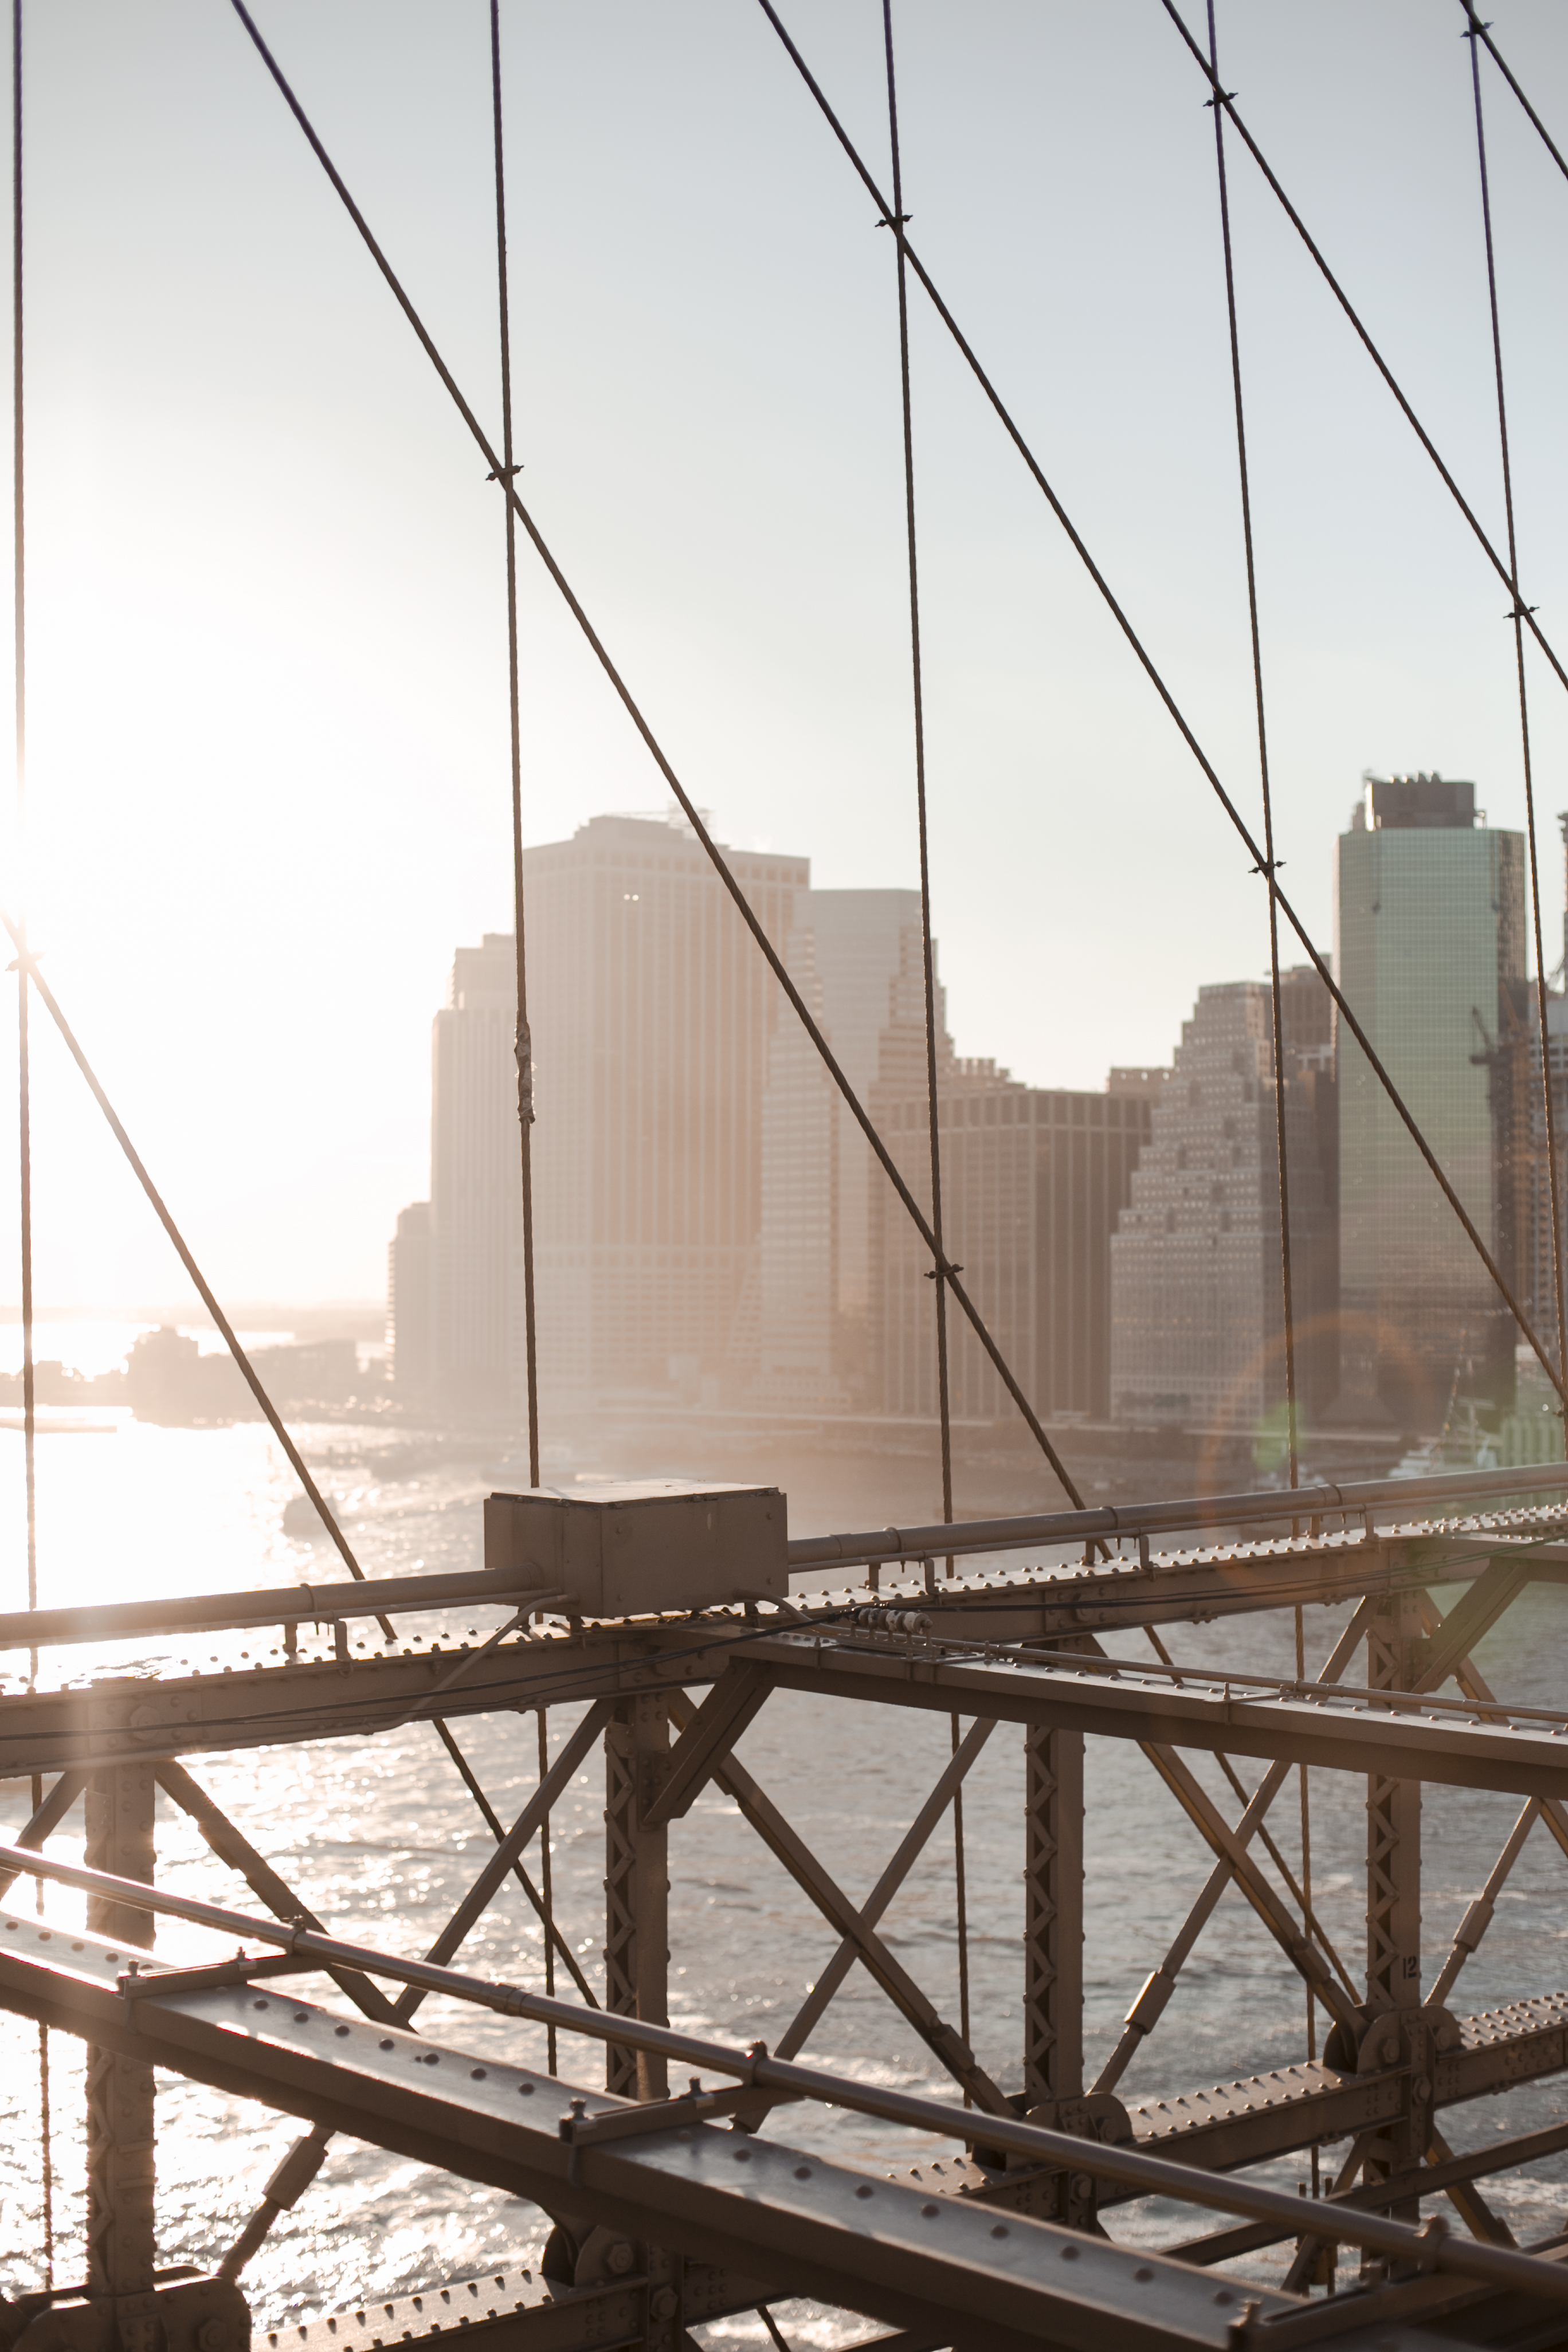 randki online Nowy Jork za darmo toki wartooth randki